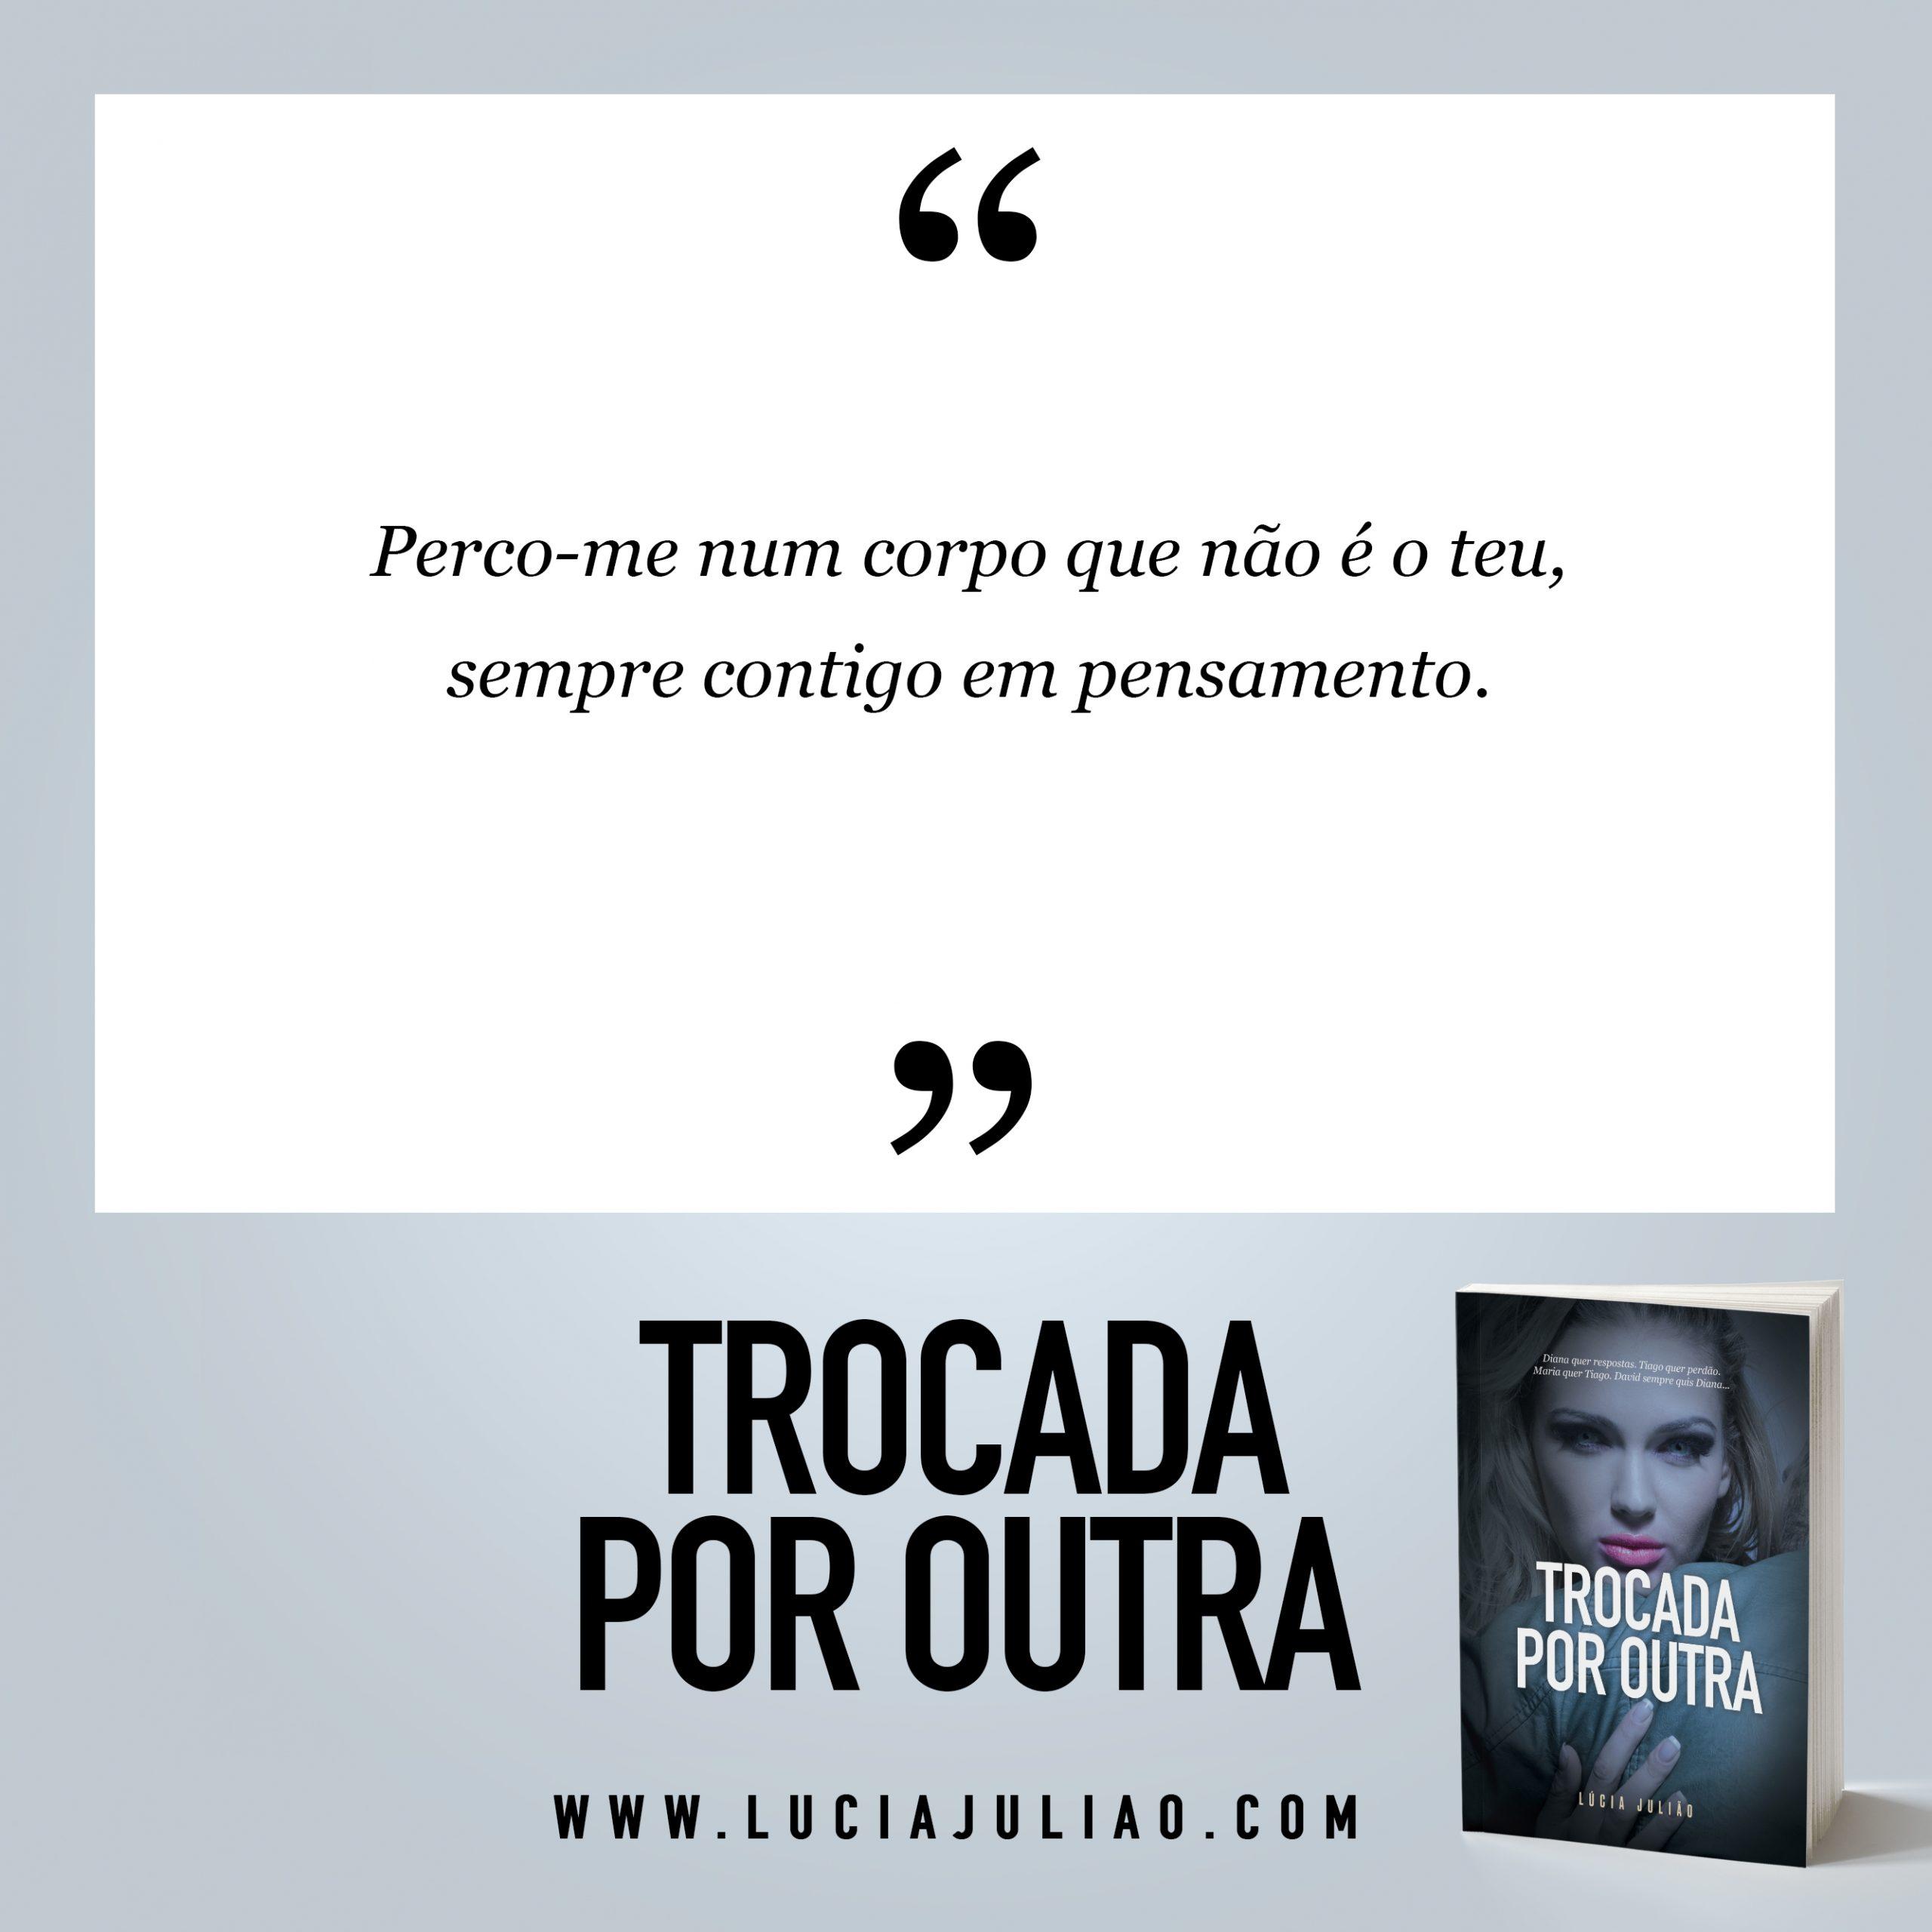 057Q - capitulo 19 Trocada por outra - Lúcia Julião